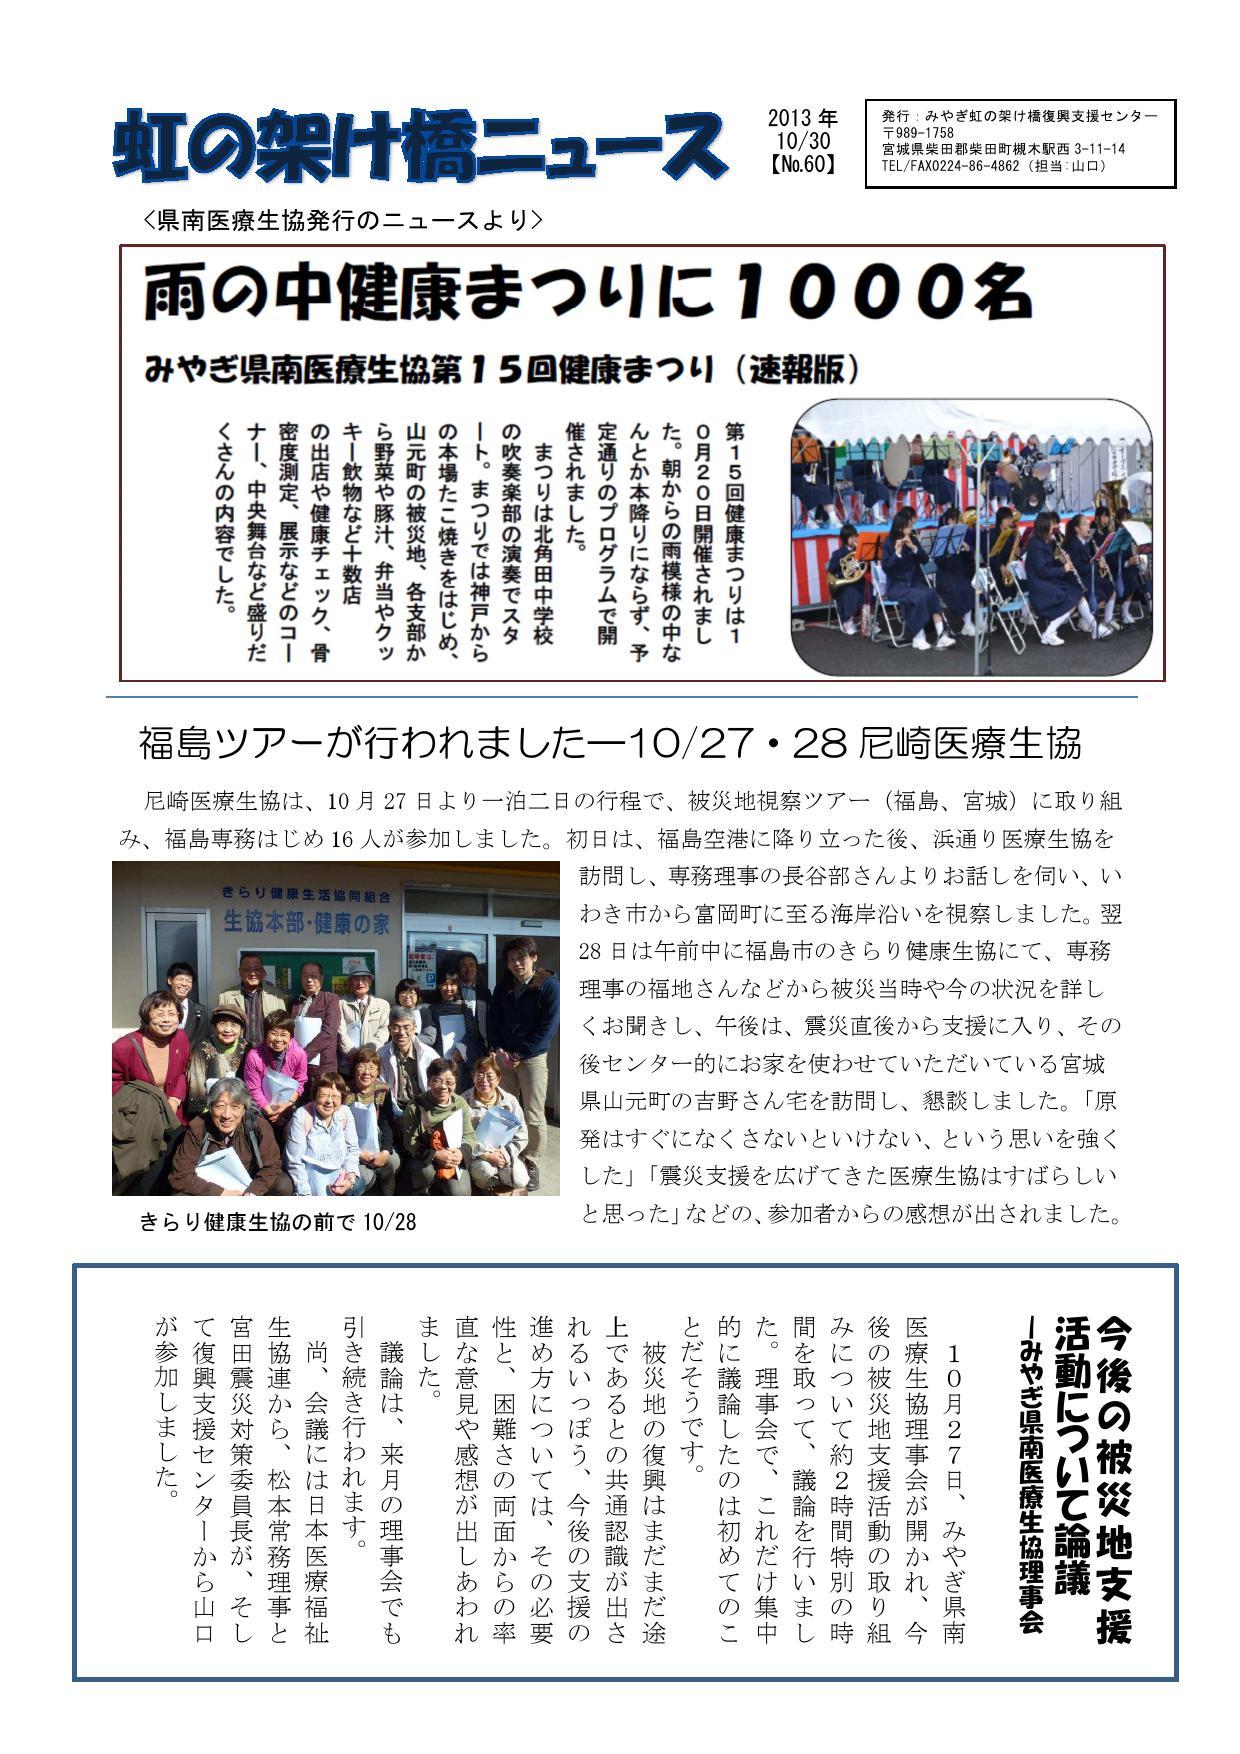 虹の架け橋ニュースNo60(2013.10.29)0001.jpg